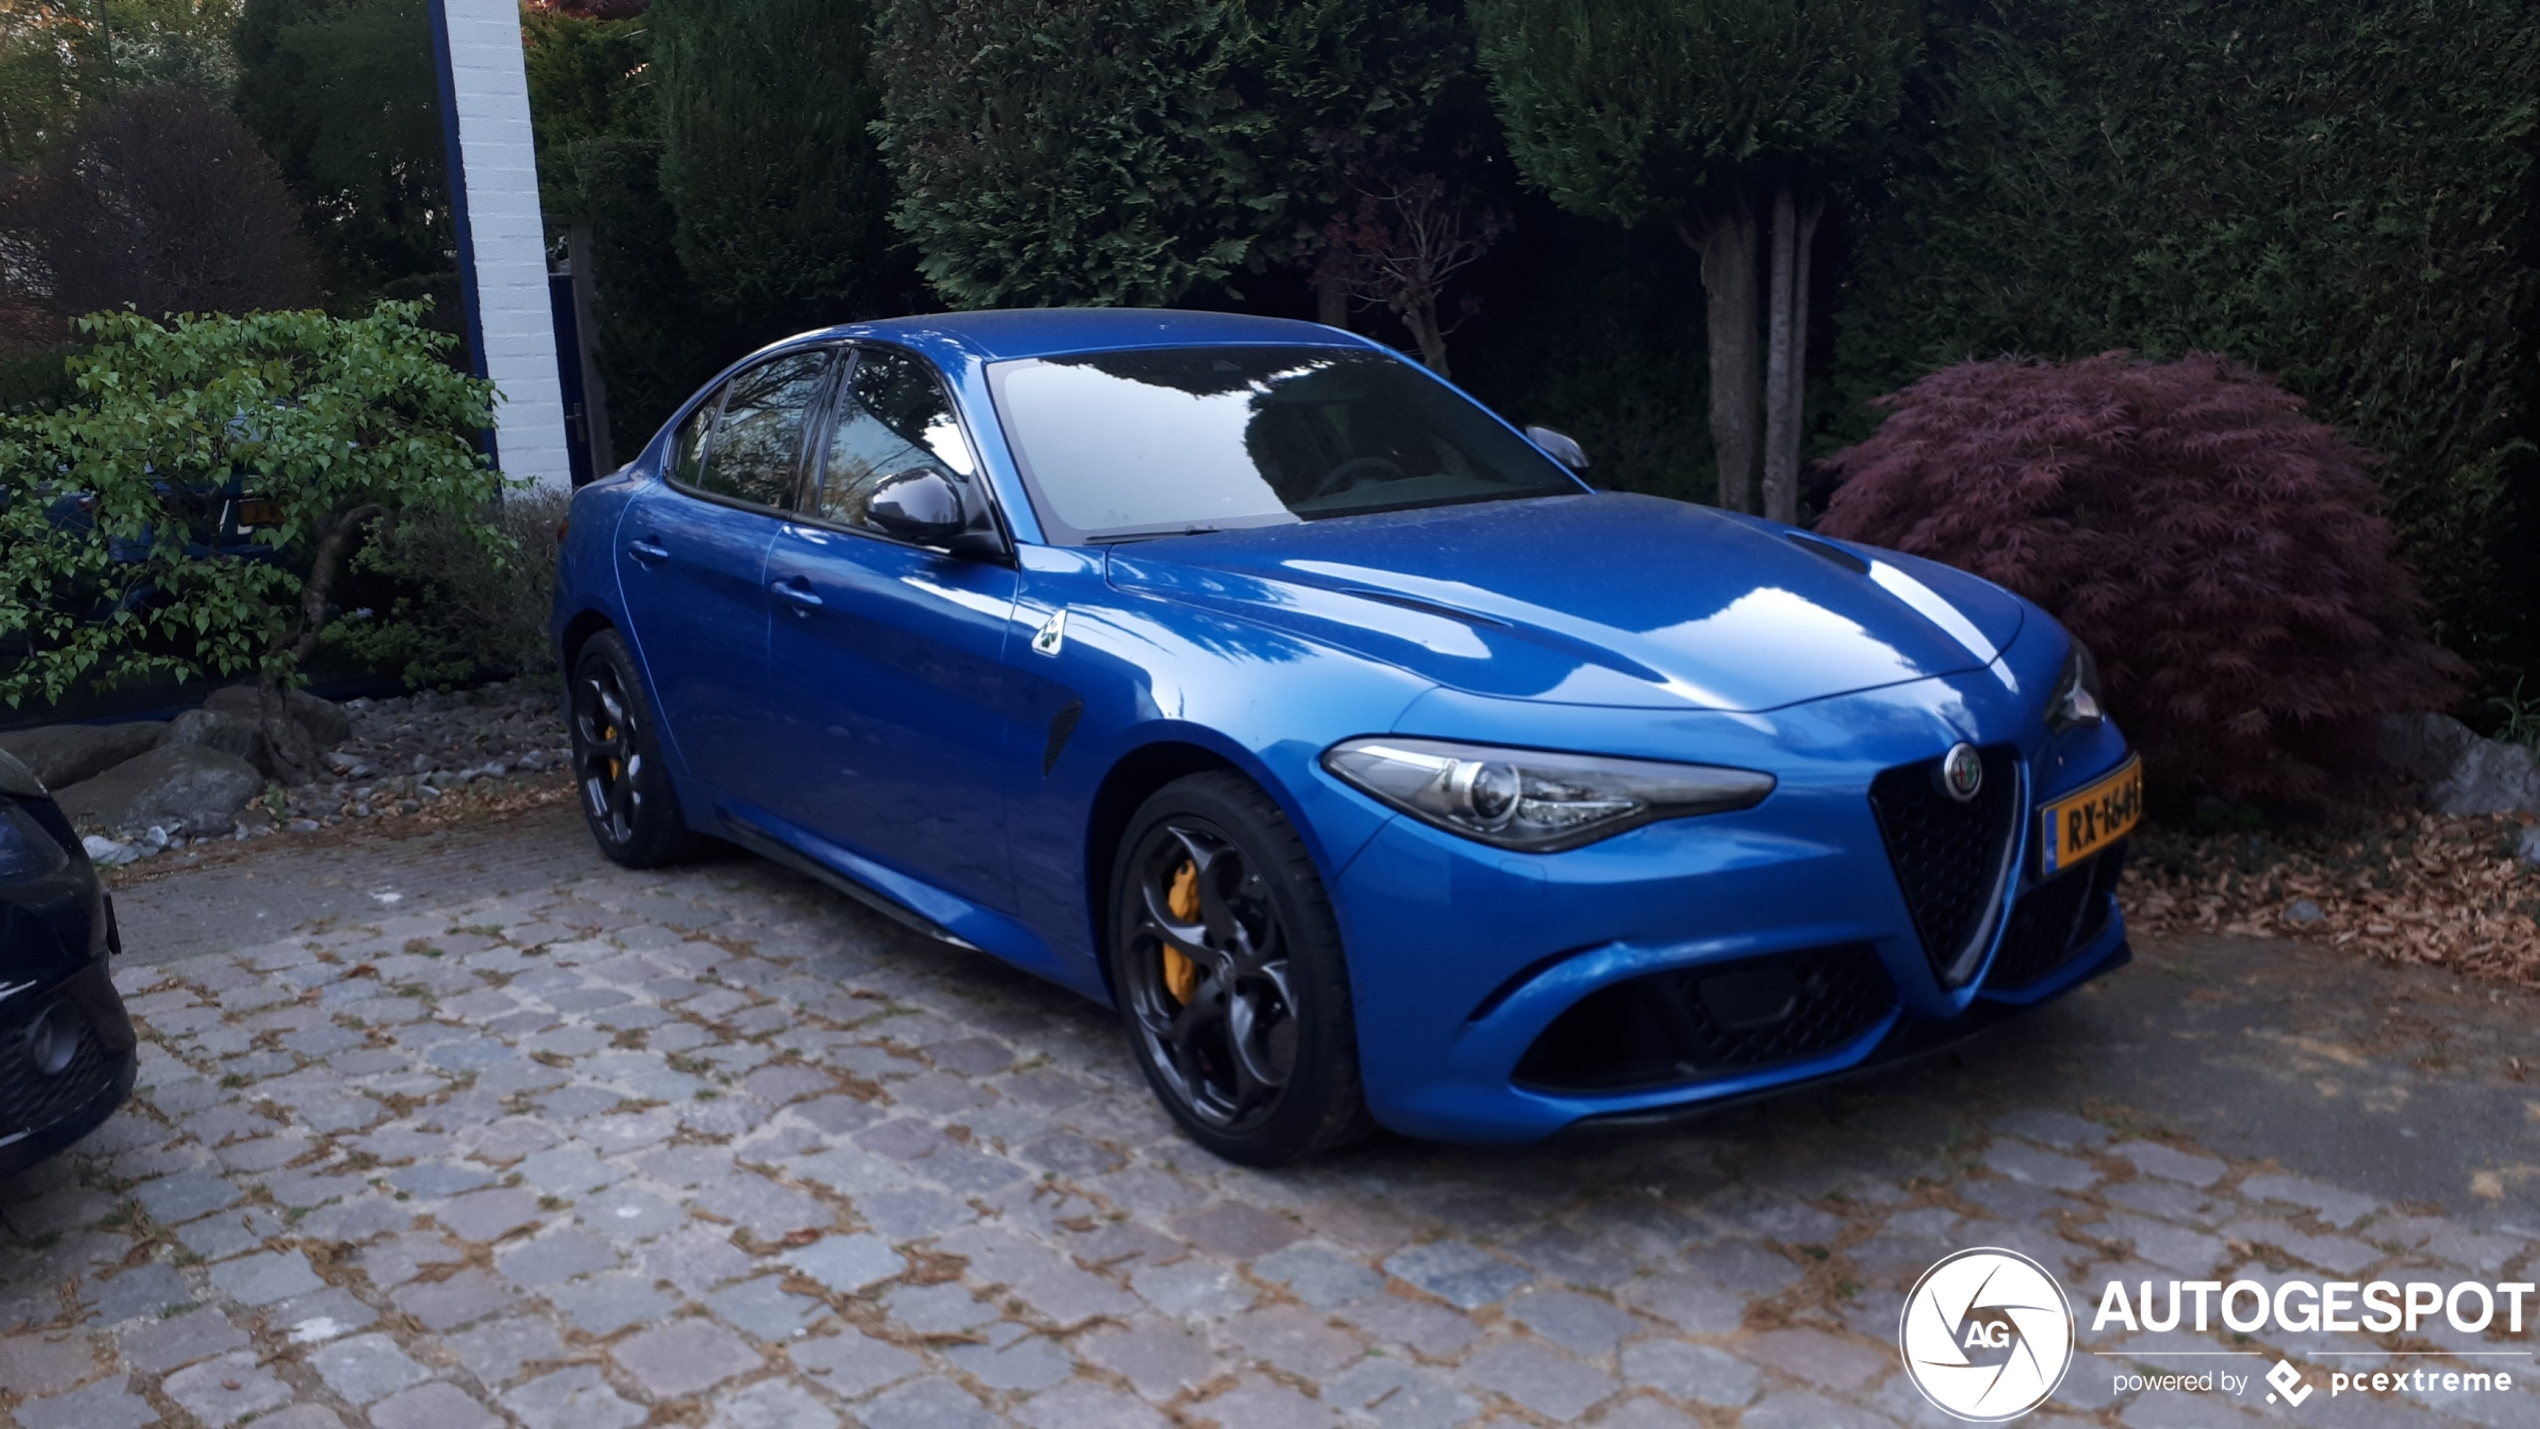 Alfa Romeo Giulia Q heeft een onconventionele kleur gekregen